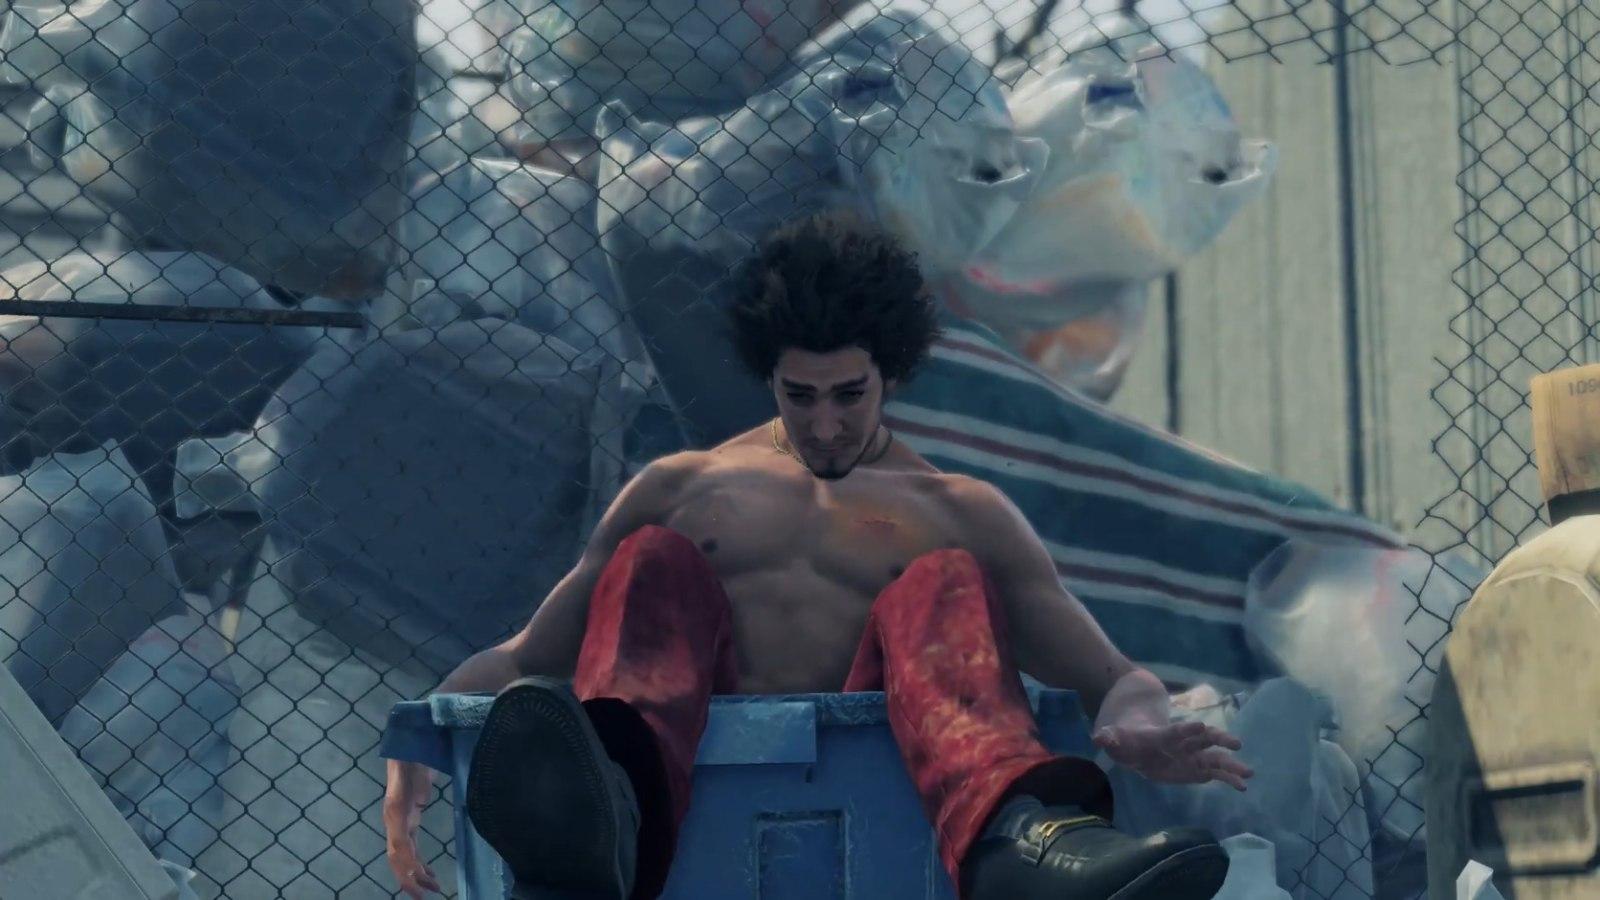 《人中之龙7》公布游戏玩法与剧情预告,直播实机演示同步公开